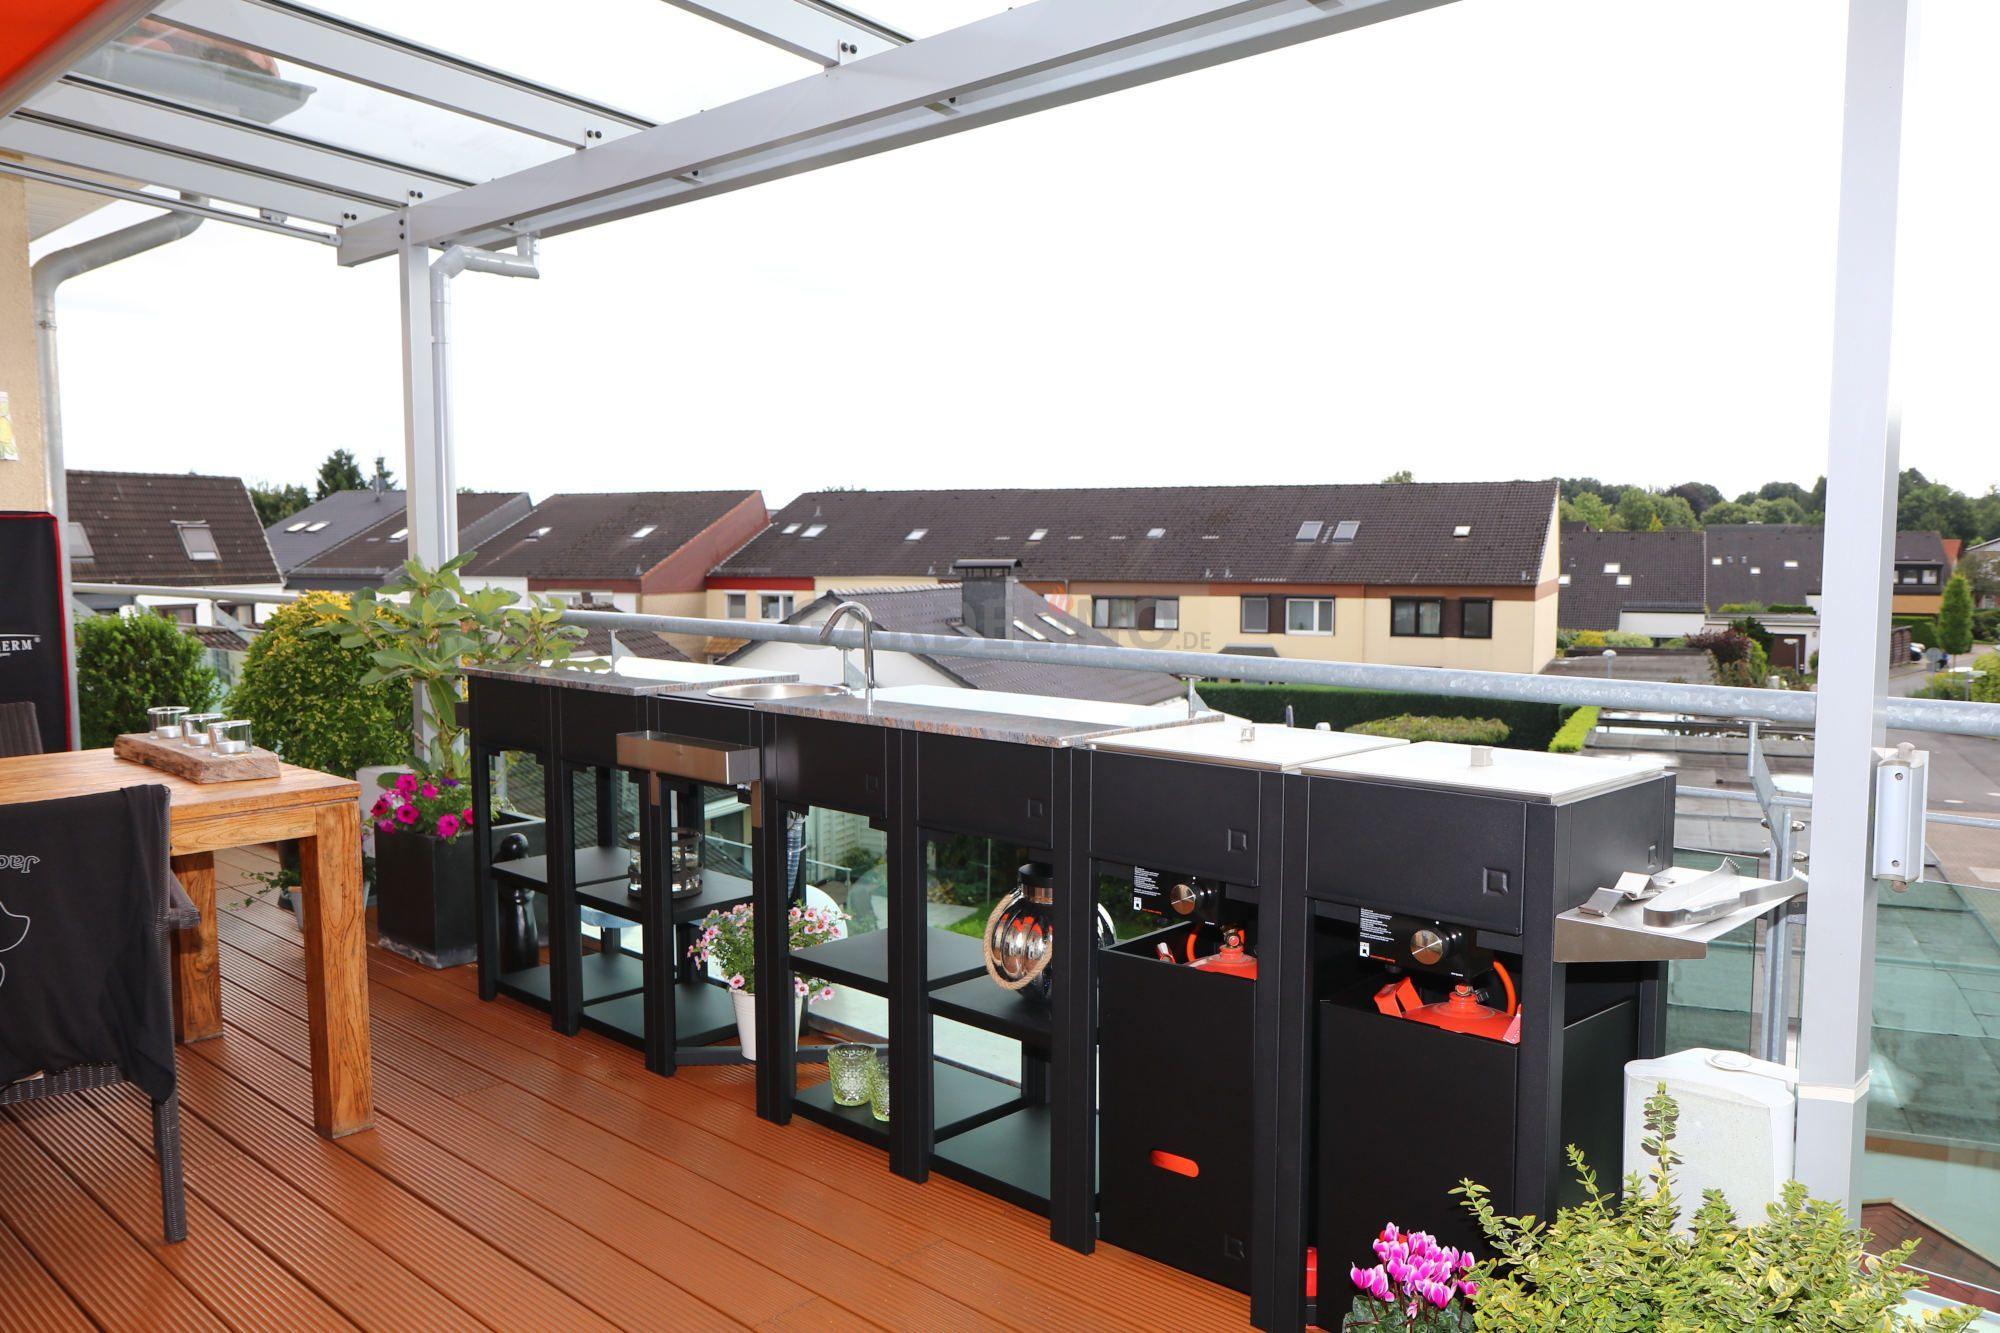 Inspiration Modulare Outdoor Kuche Von Oneq Auf Dem Balkon Mit